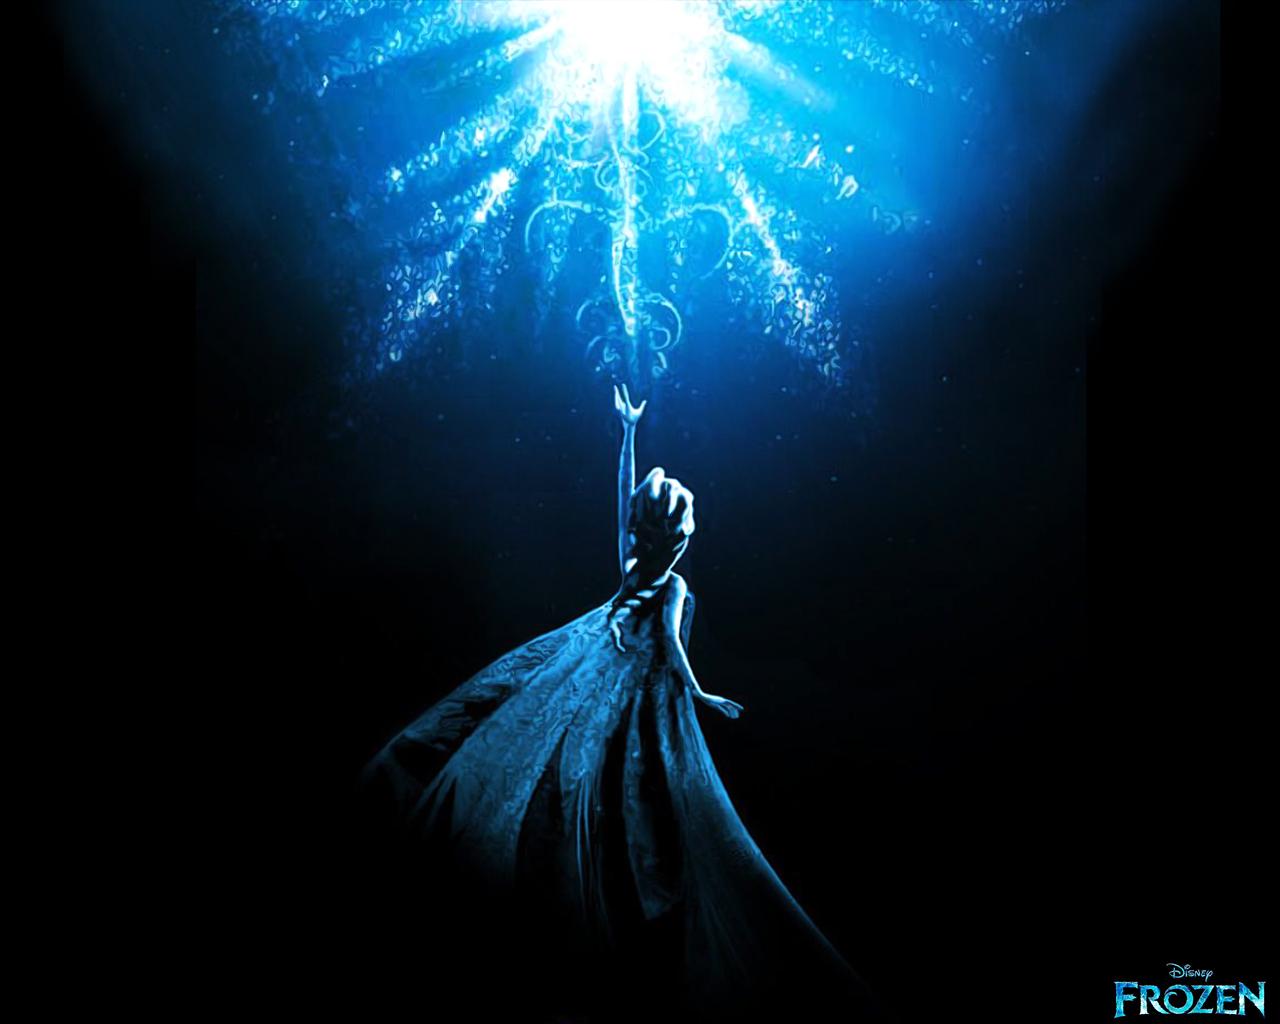 Frozen image frozen 36234697 1280 1024jpg 1280x1024